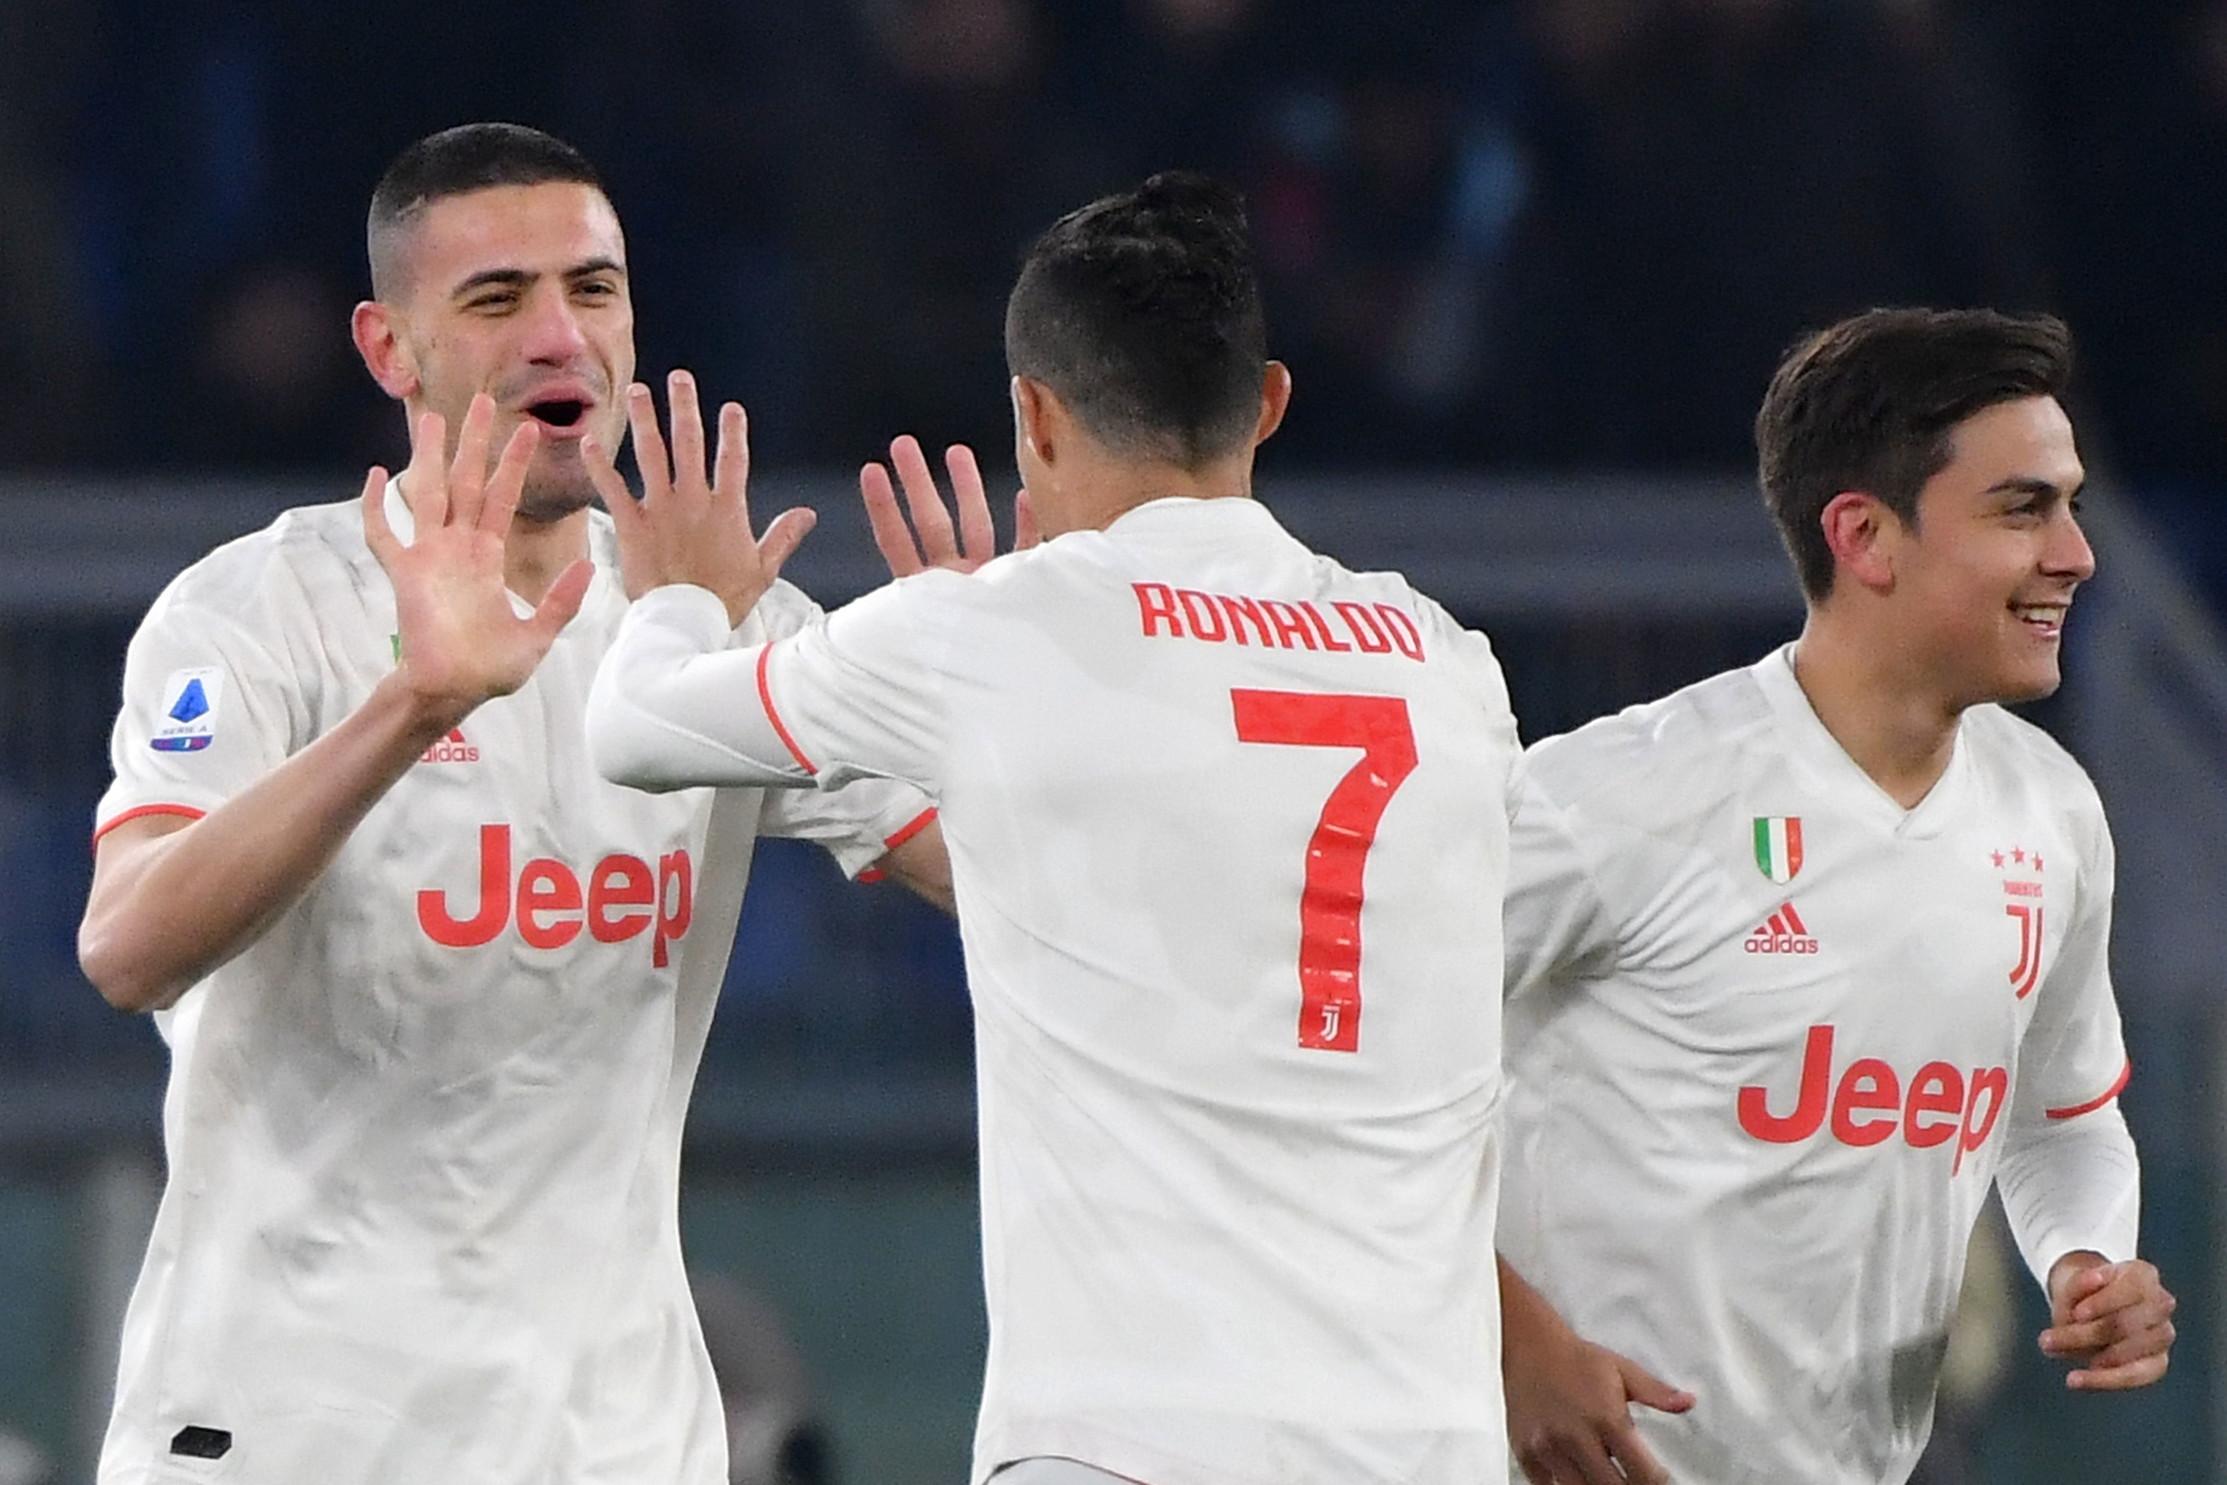 Le migliori immagini della sfida di Serie A tra Roma e Juventus